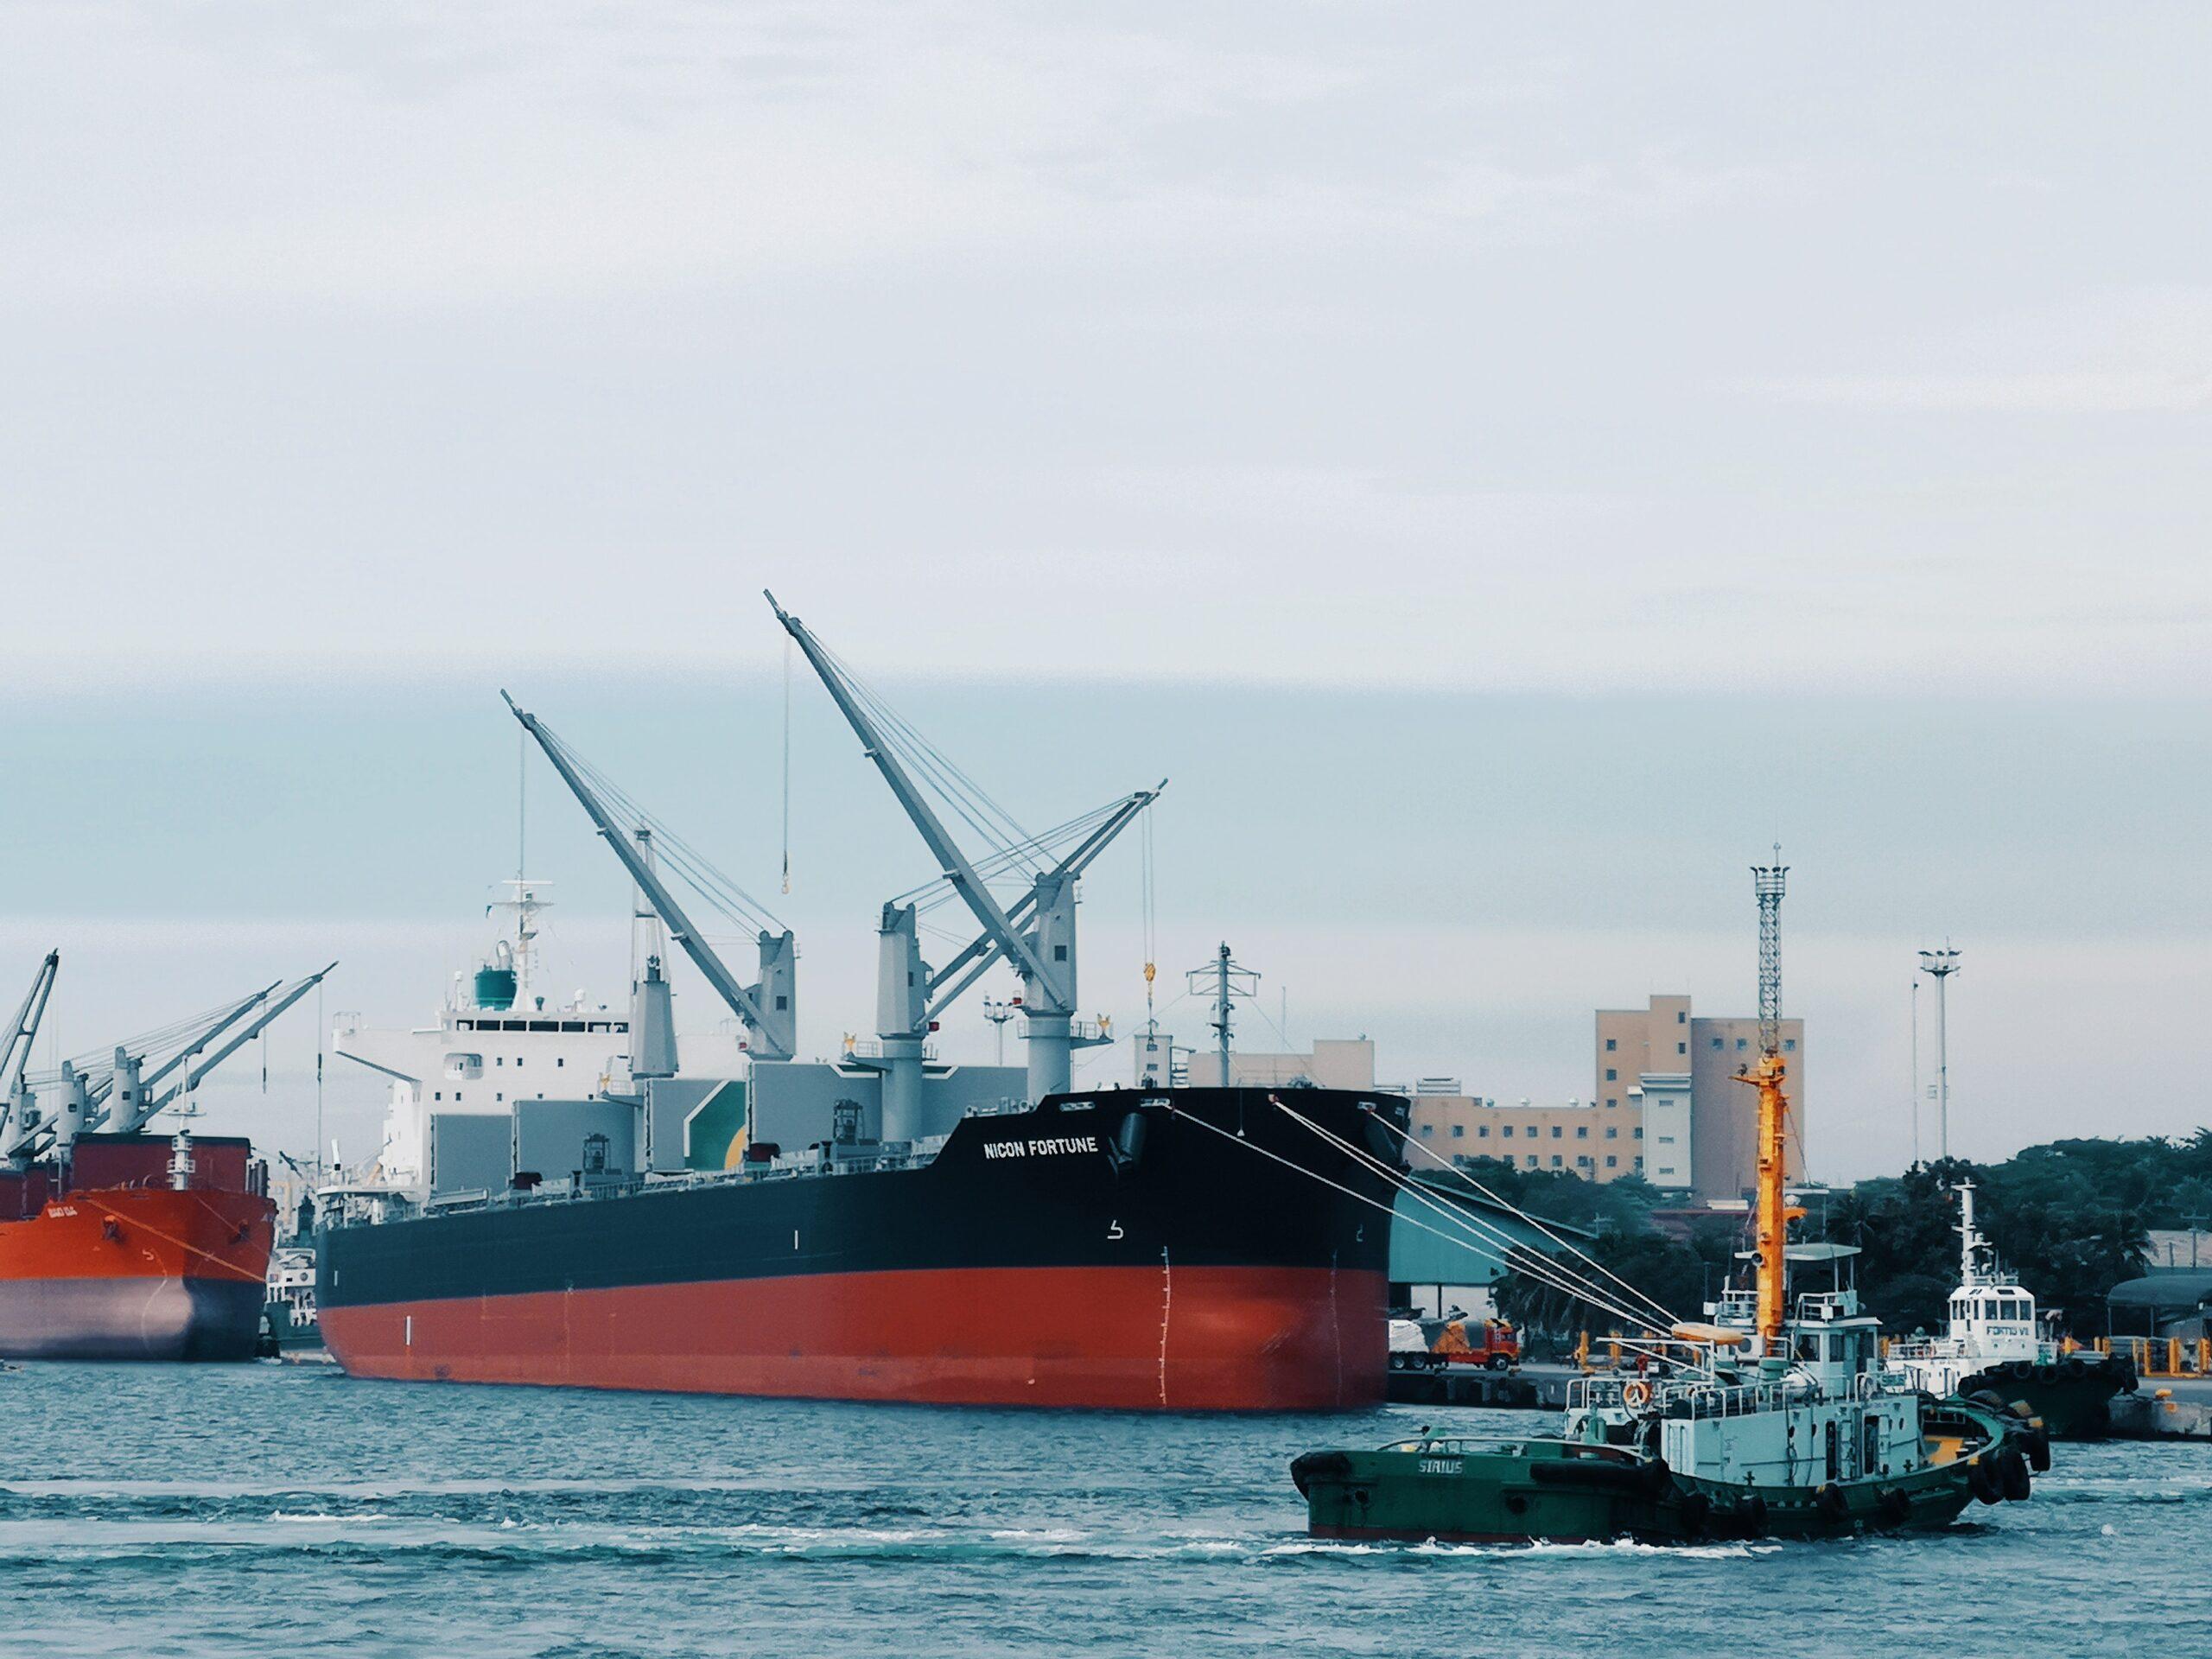 'Un transporte marítimo sostenible para una planeta sostenible', lema del Día Marítimo Mundial